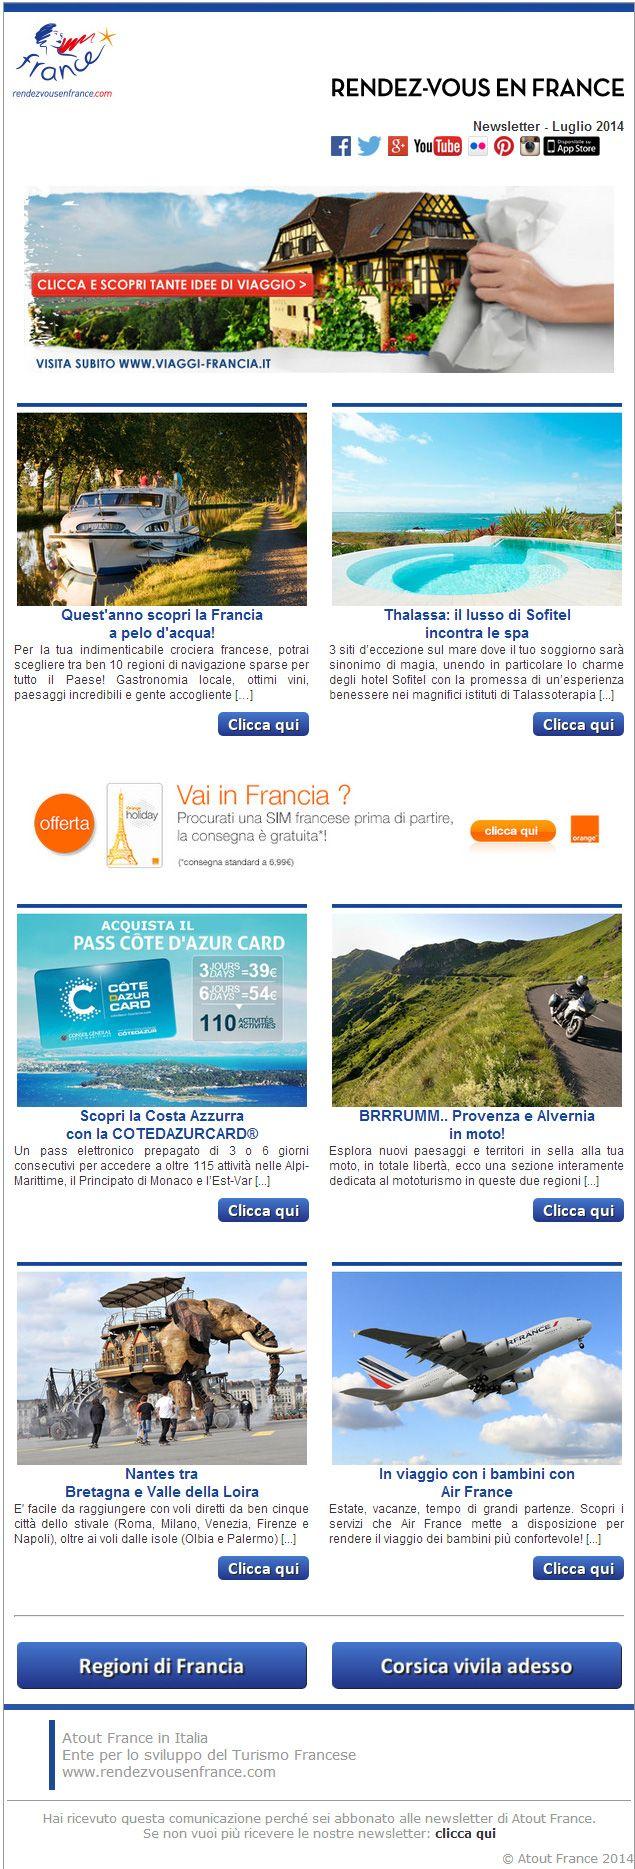 Scopri le idee di viaggio per la tua estate in Francia...